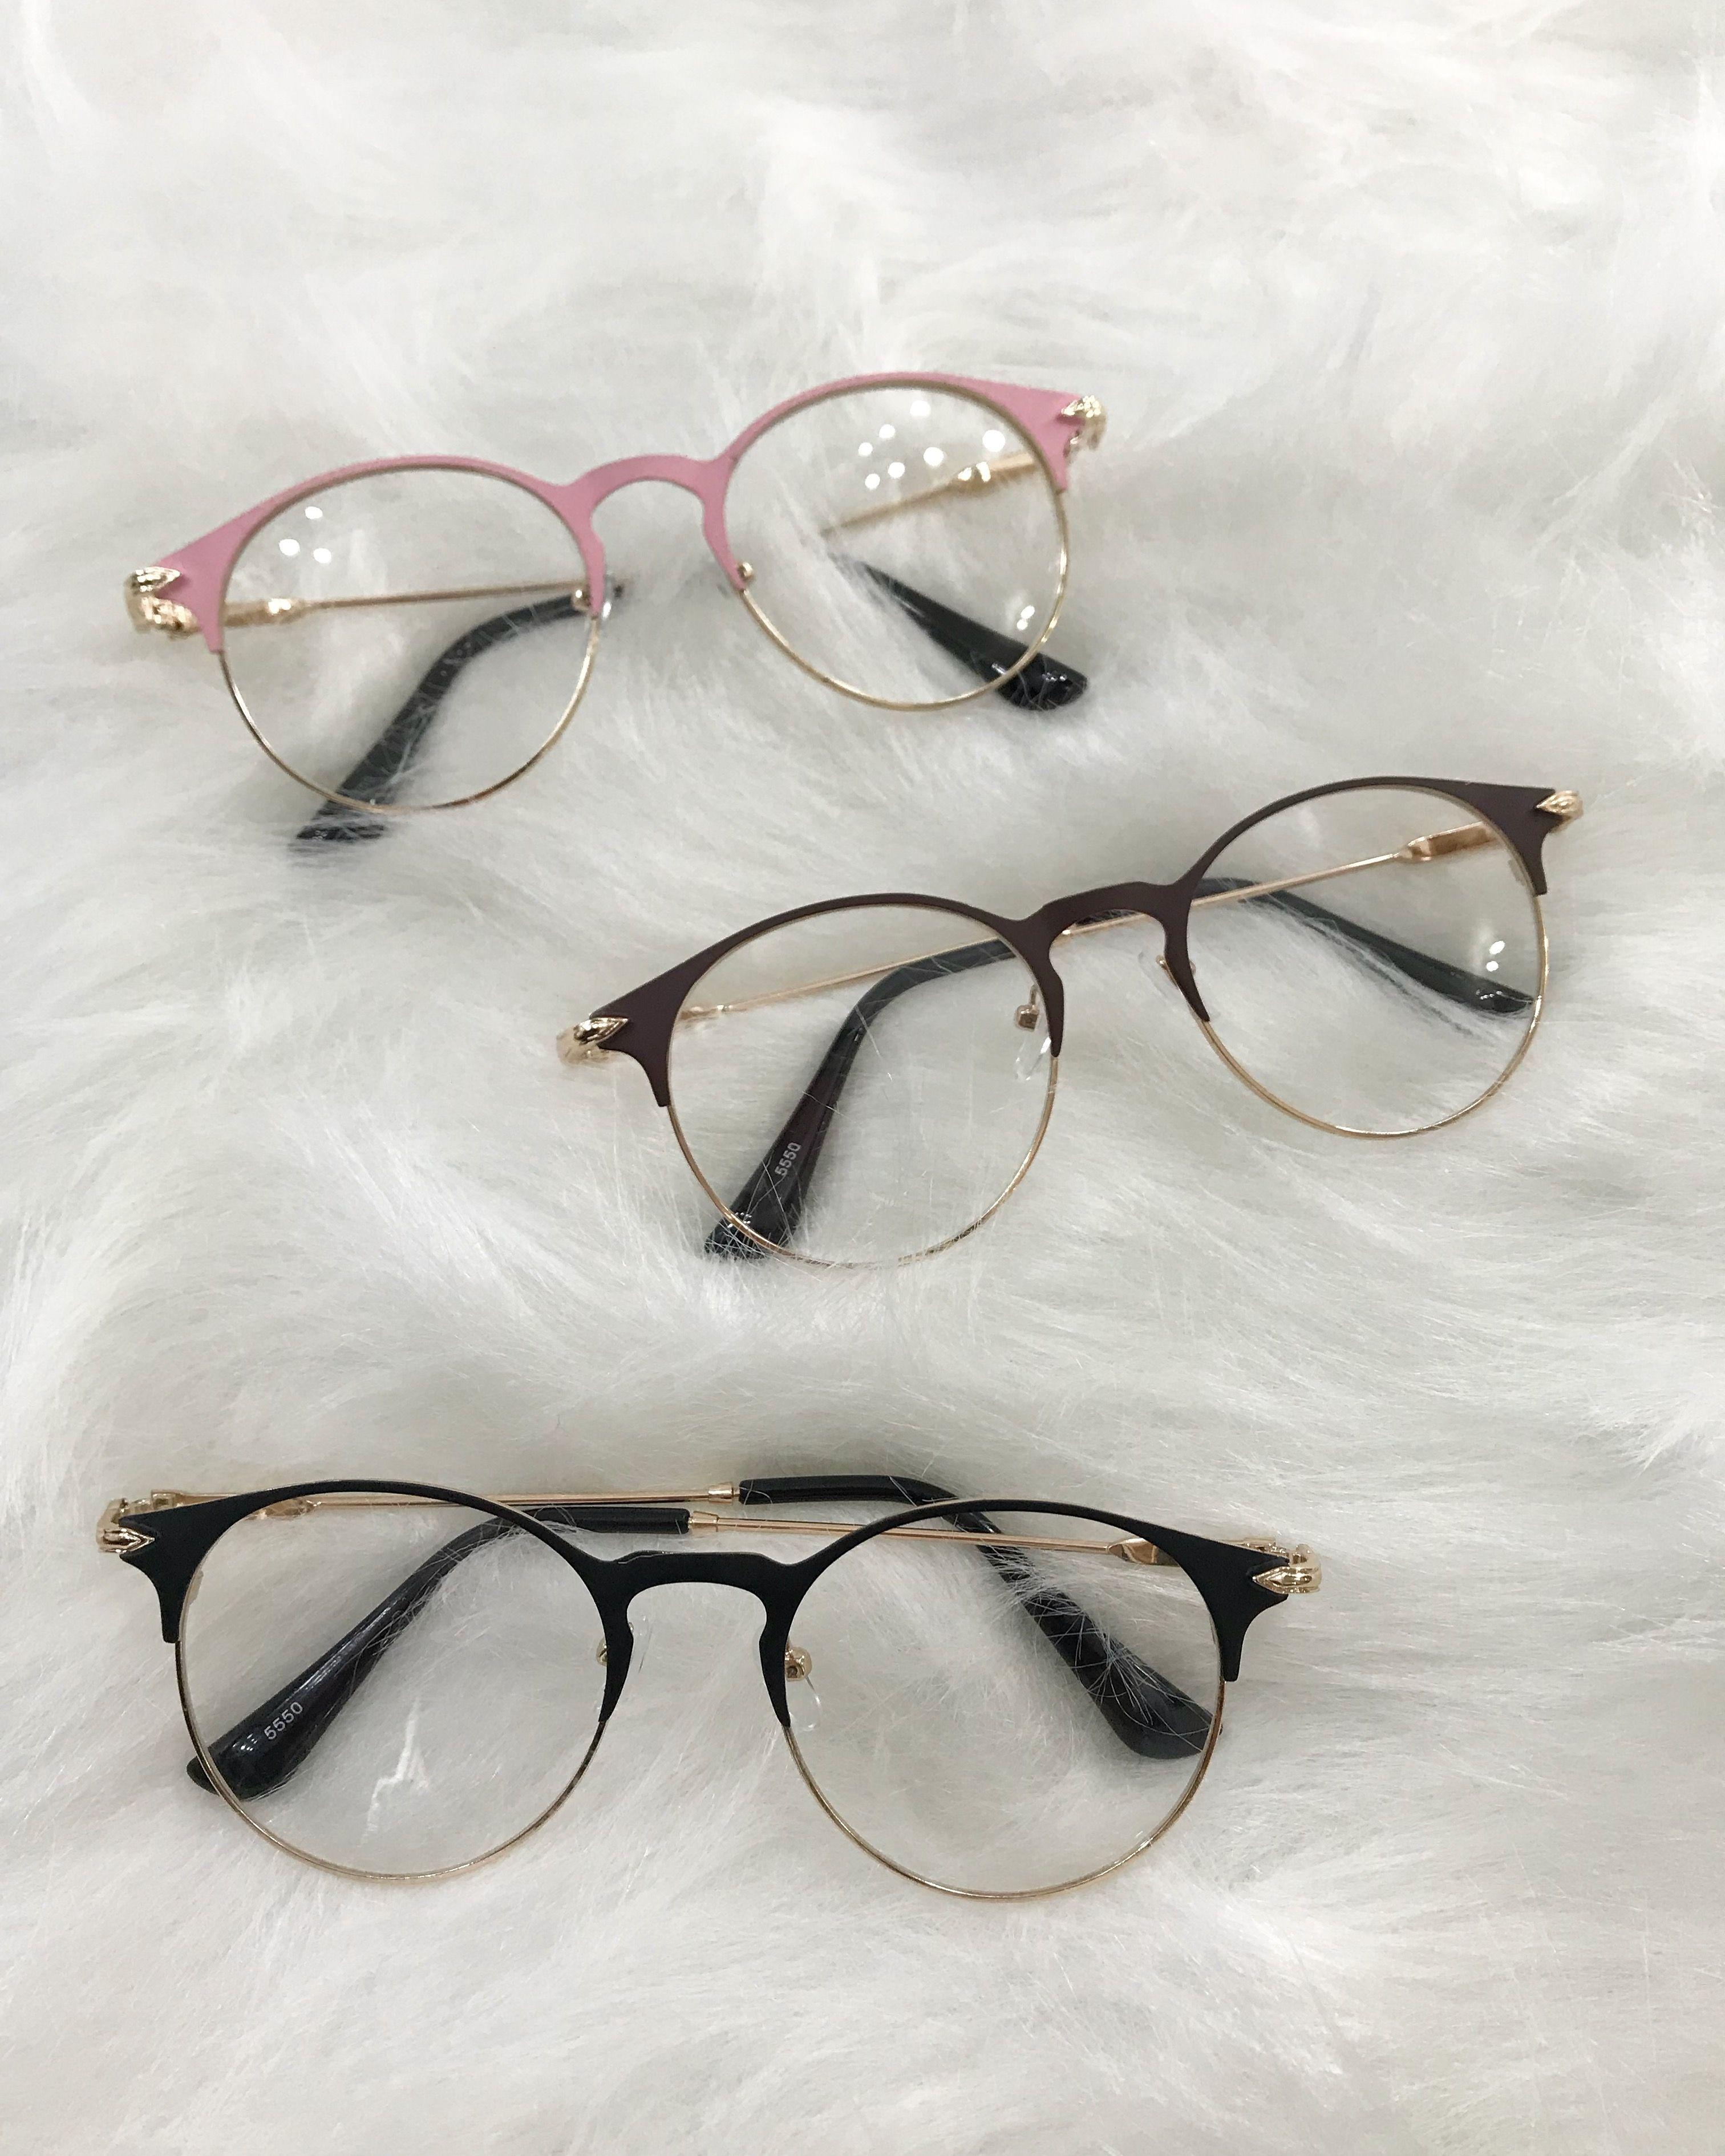 Pin De Vallery Aguirre En Lentes Lentes De Moda Transparentes Gafas De Moda Gafas De Ver Moda